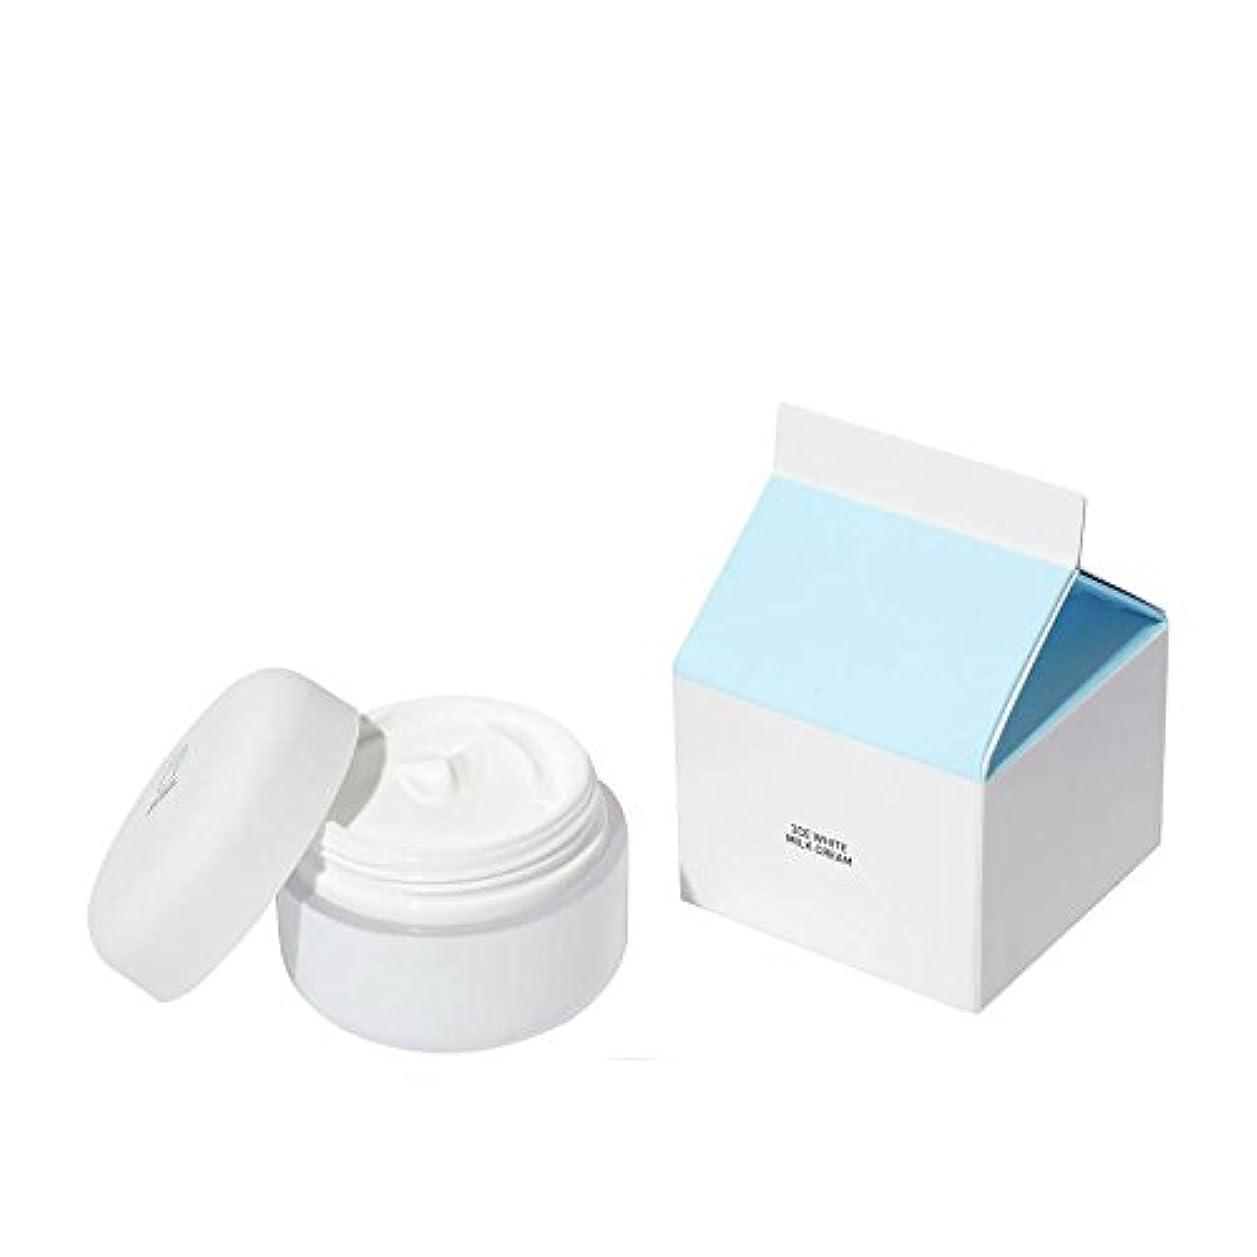 偏差歯痛肉の[3CE] ホワイトミルククリーム(White Milk Cream) 50g